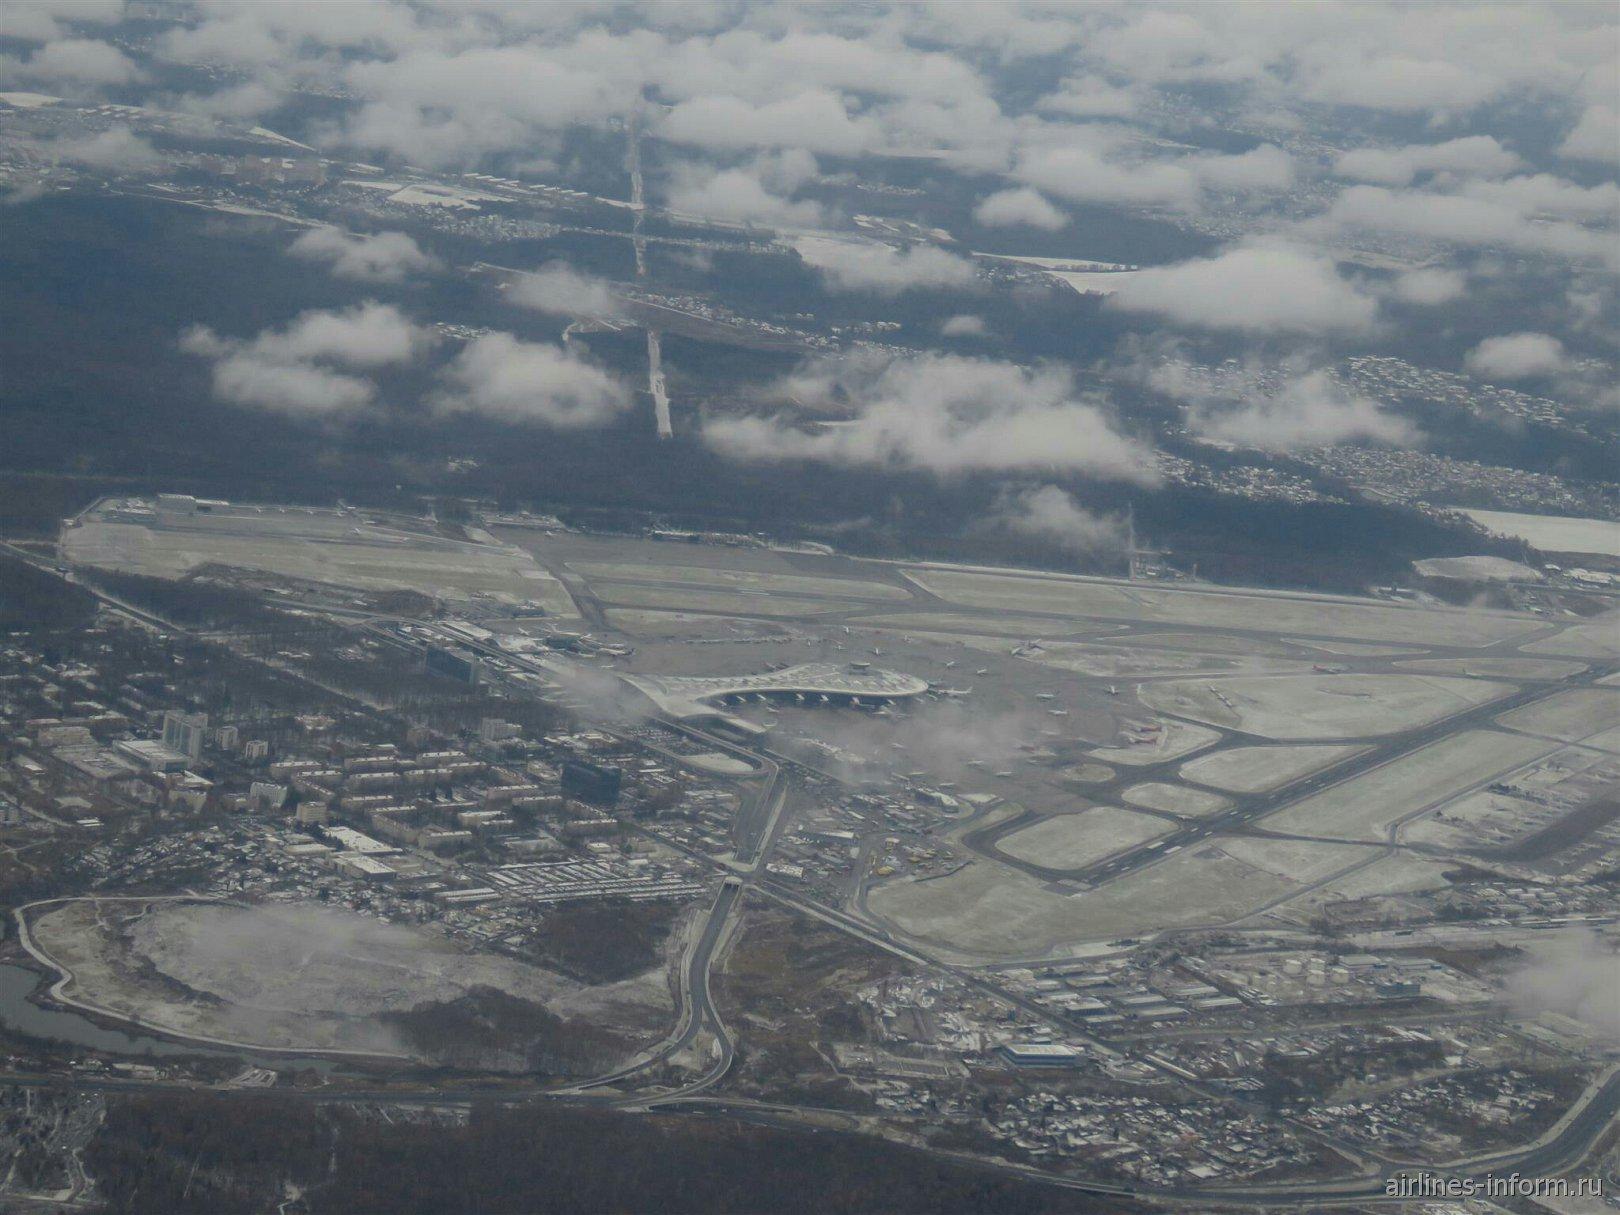 Вид при взлете на аэропорт Москва Внуково